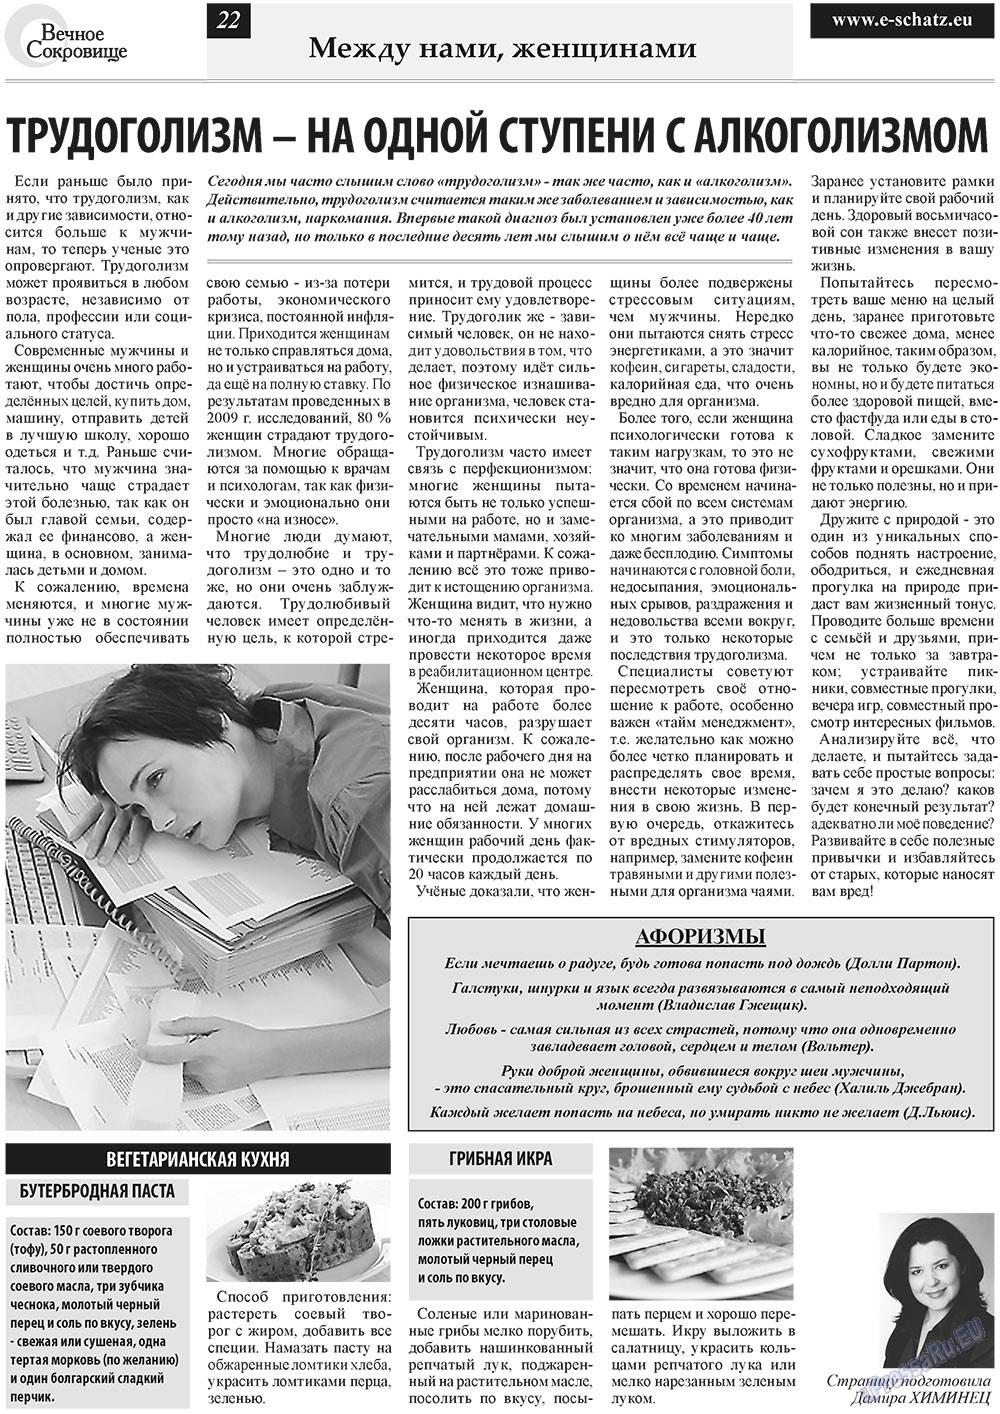 Вечное сокровище (газета). 2011 год, номер 2, стр. 22